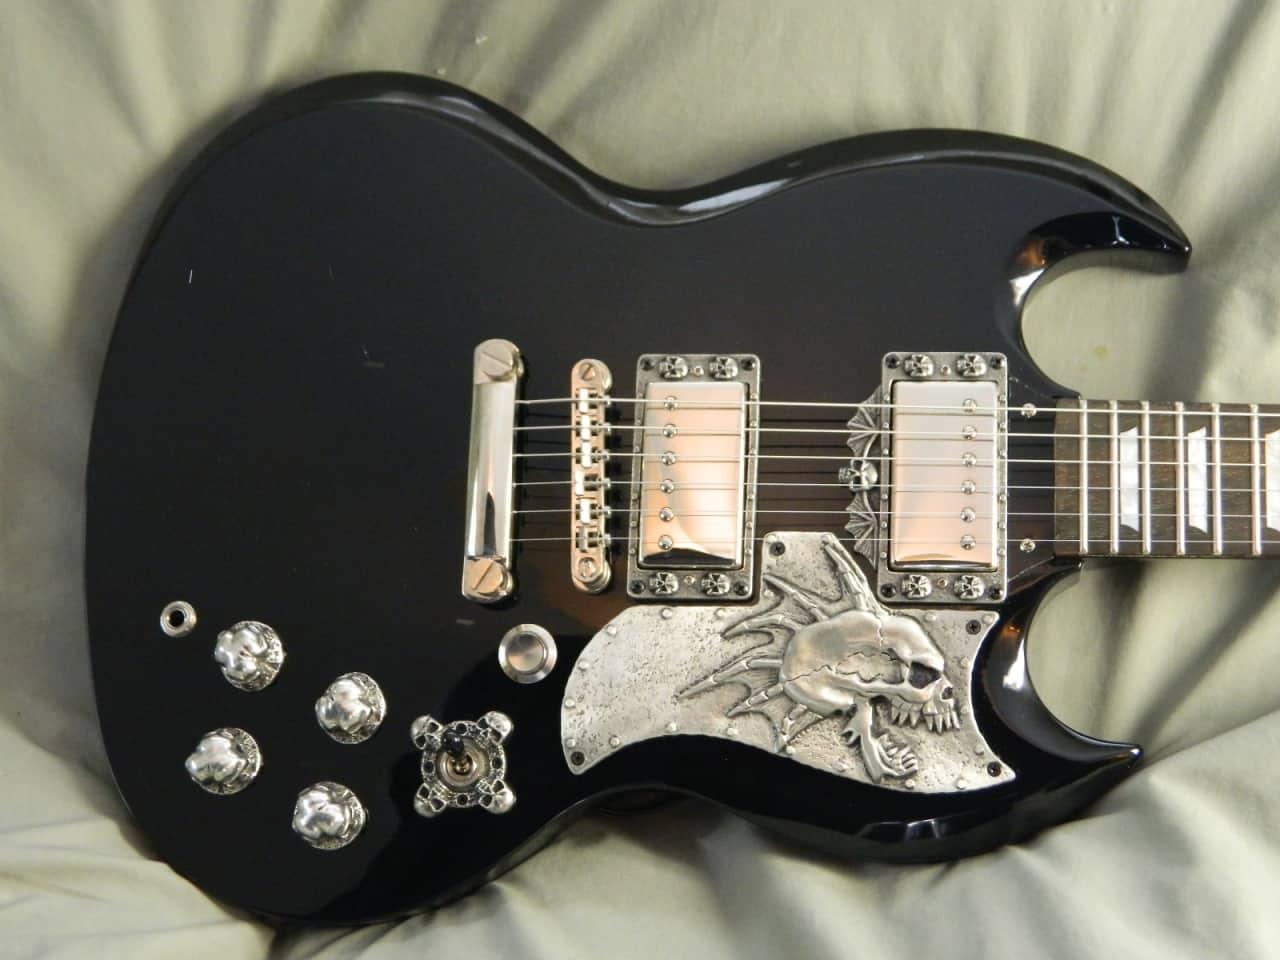 8 metal skull guitar parts fits epiphone g 400 sg reverb. Black Bedroom Furniture Sets. Home Design Ideas